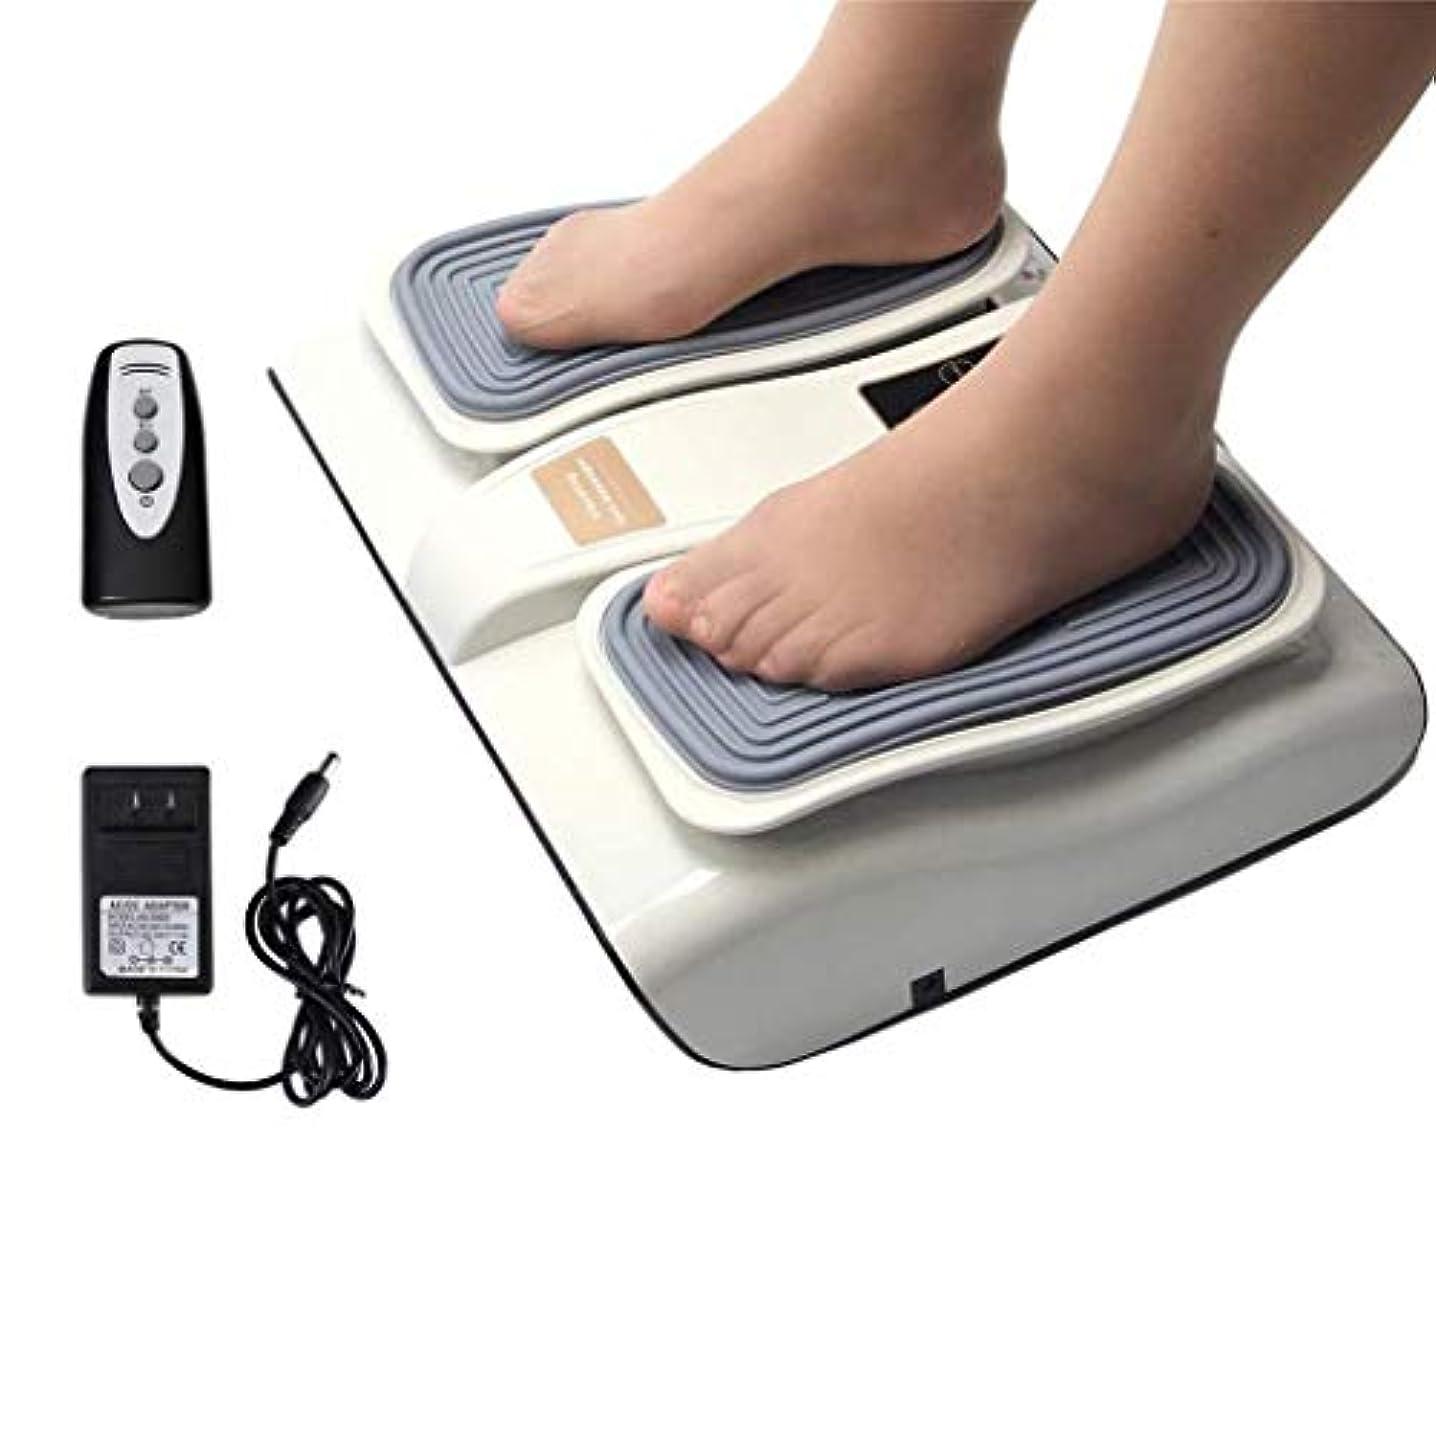 十分です複合膨らませるフットマッサージャー、血液循環を促進し、足底筋膜炎を緩和するための電動足Footみマッサージ療法装置